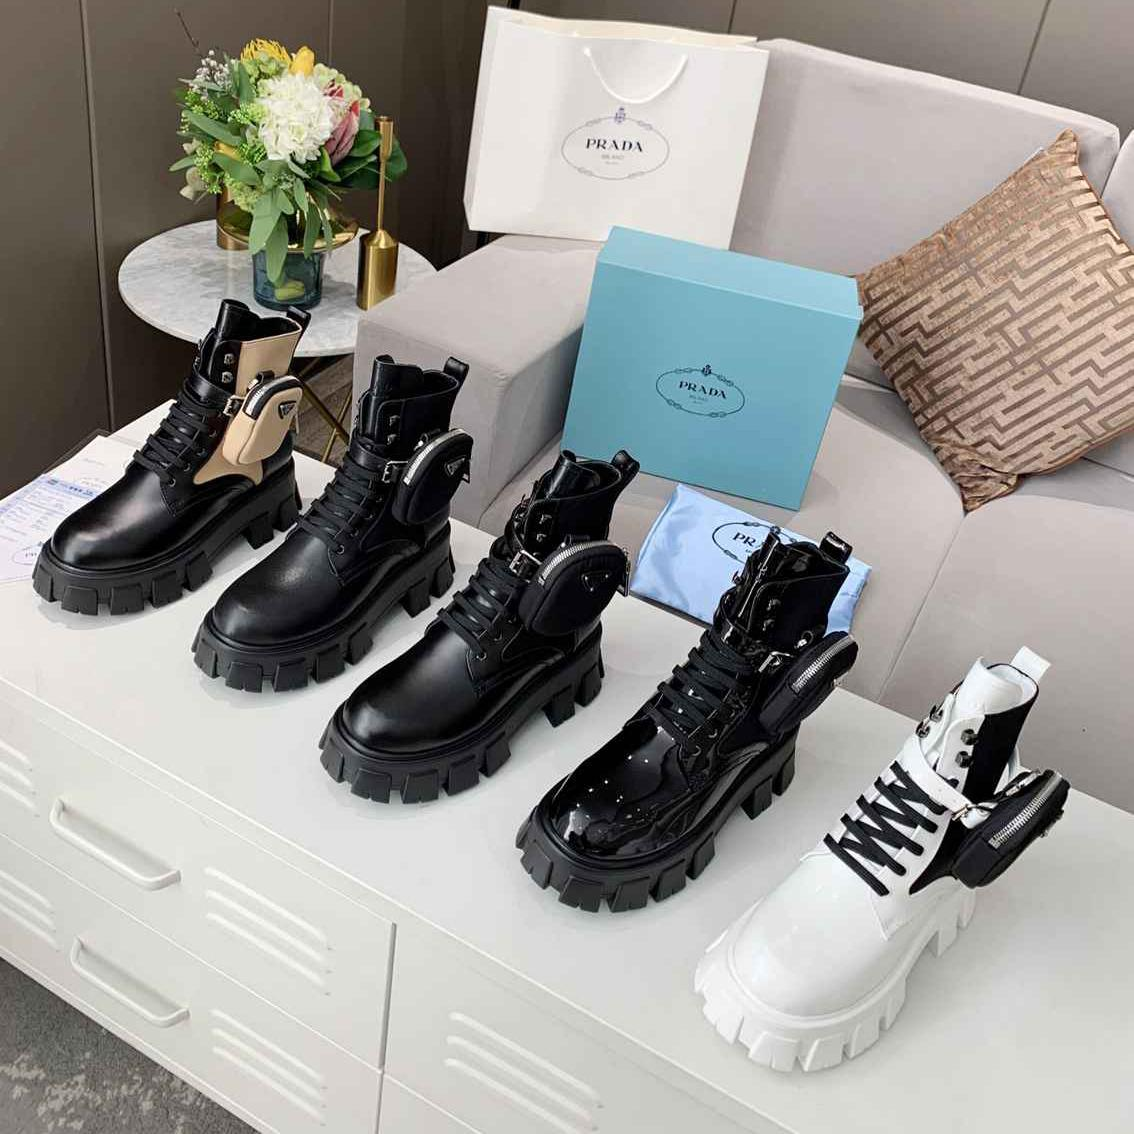 جودة عالية الشتاء إمرأة الأحذية كالفسكين مارتن حذاء انفصال نايلون الحقيبة القتالية أحذية السيدات في الهواء الطلق سميكة أسفل منتصف طول التمهيد 35-45